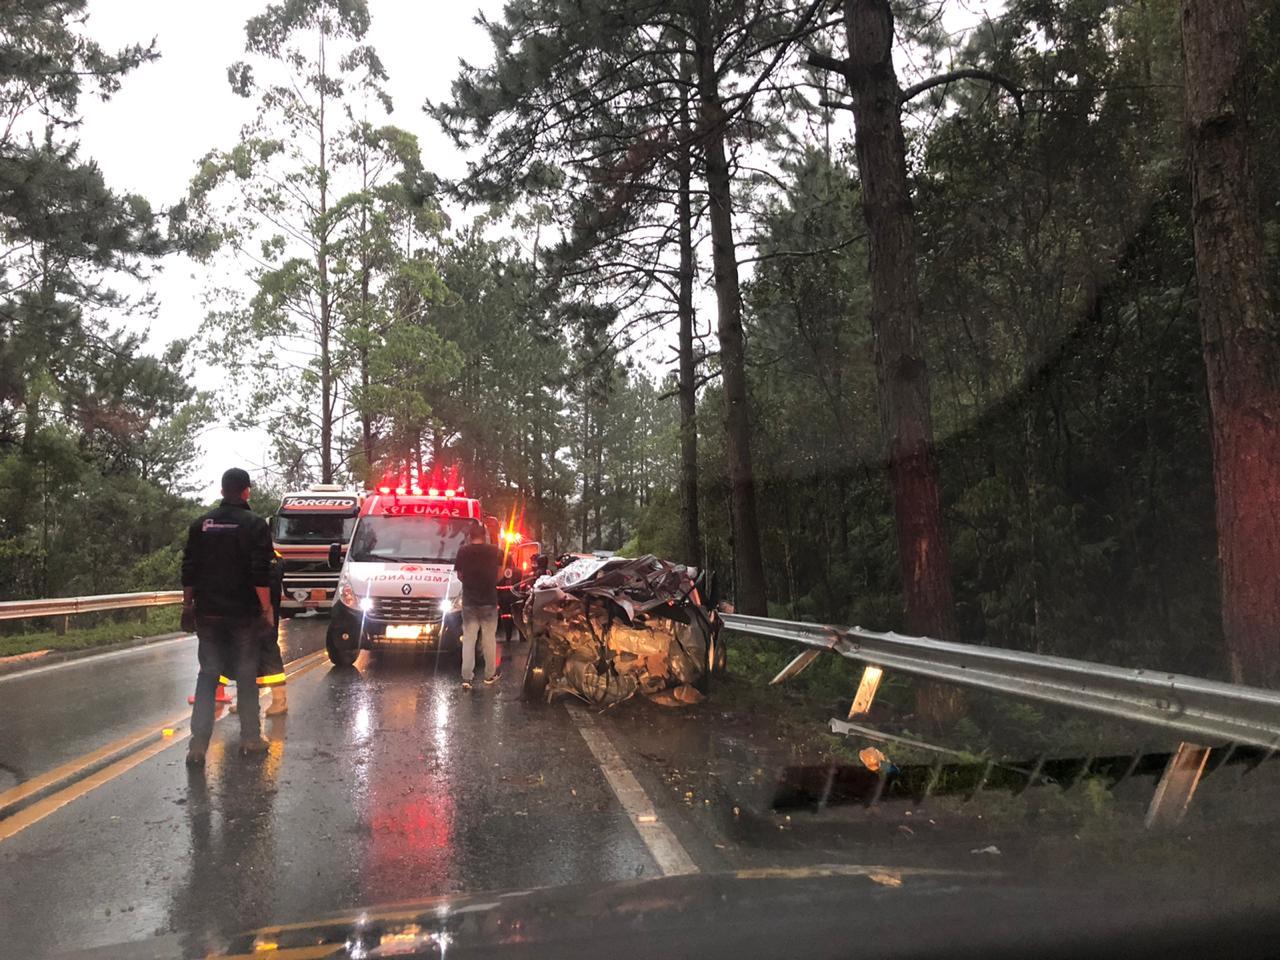 Acidente ocorreu com dois veículos, no km 49 - Divulgação/PRF/ND